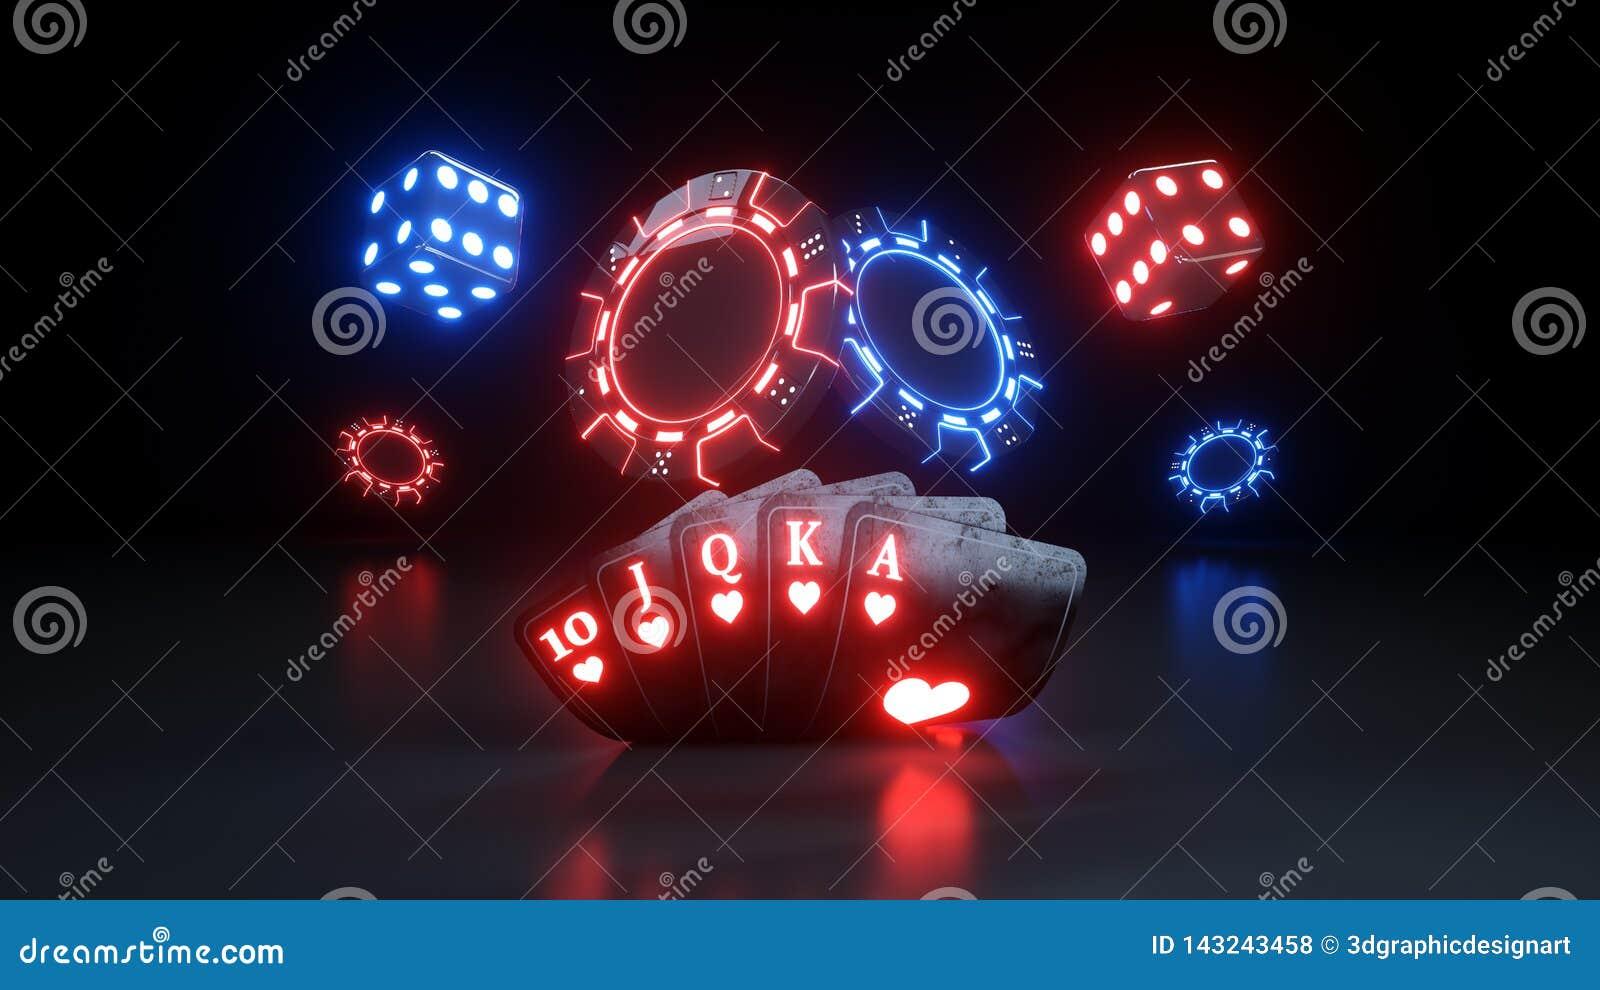 Kungligt sl?tt f?r kasinodobbleribegrepp - illustration 3D